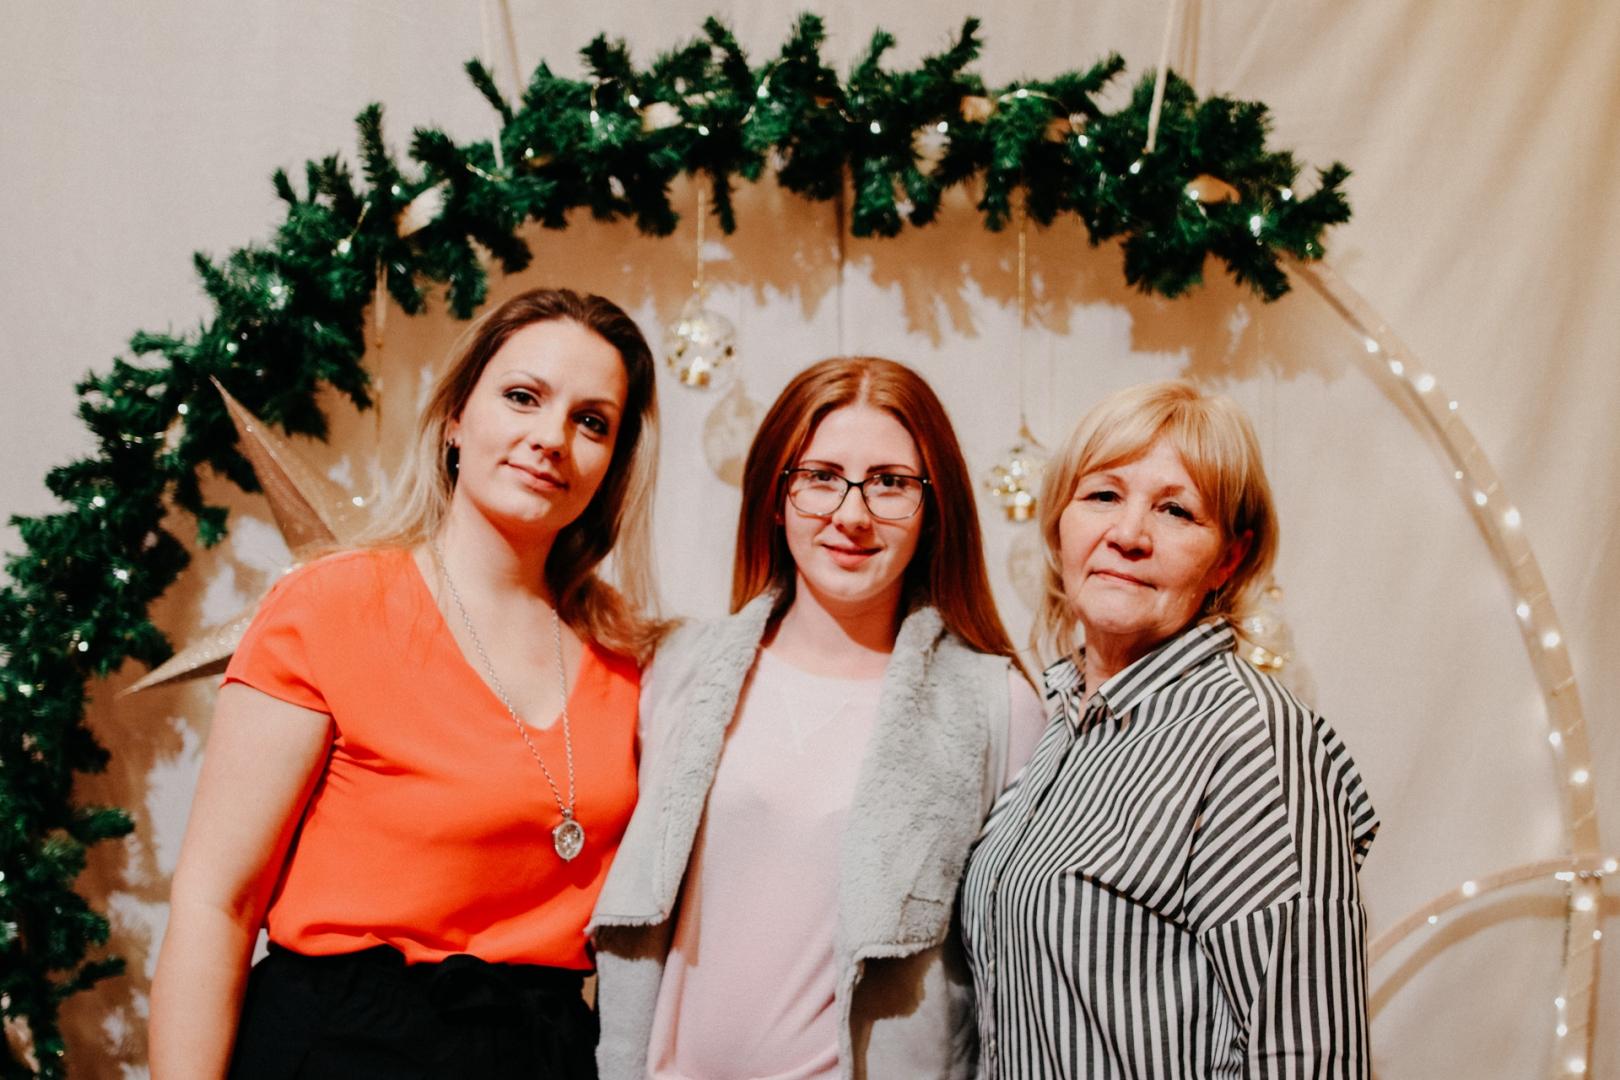 familien-weihnachten-2019-23